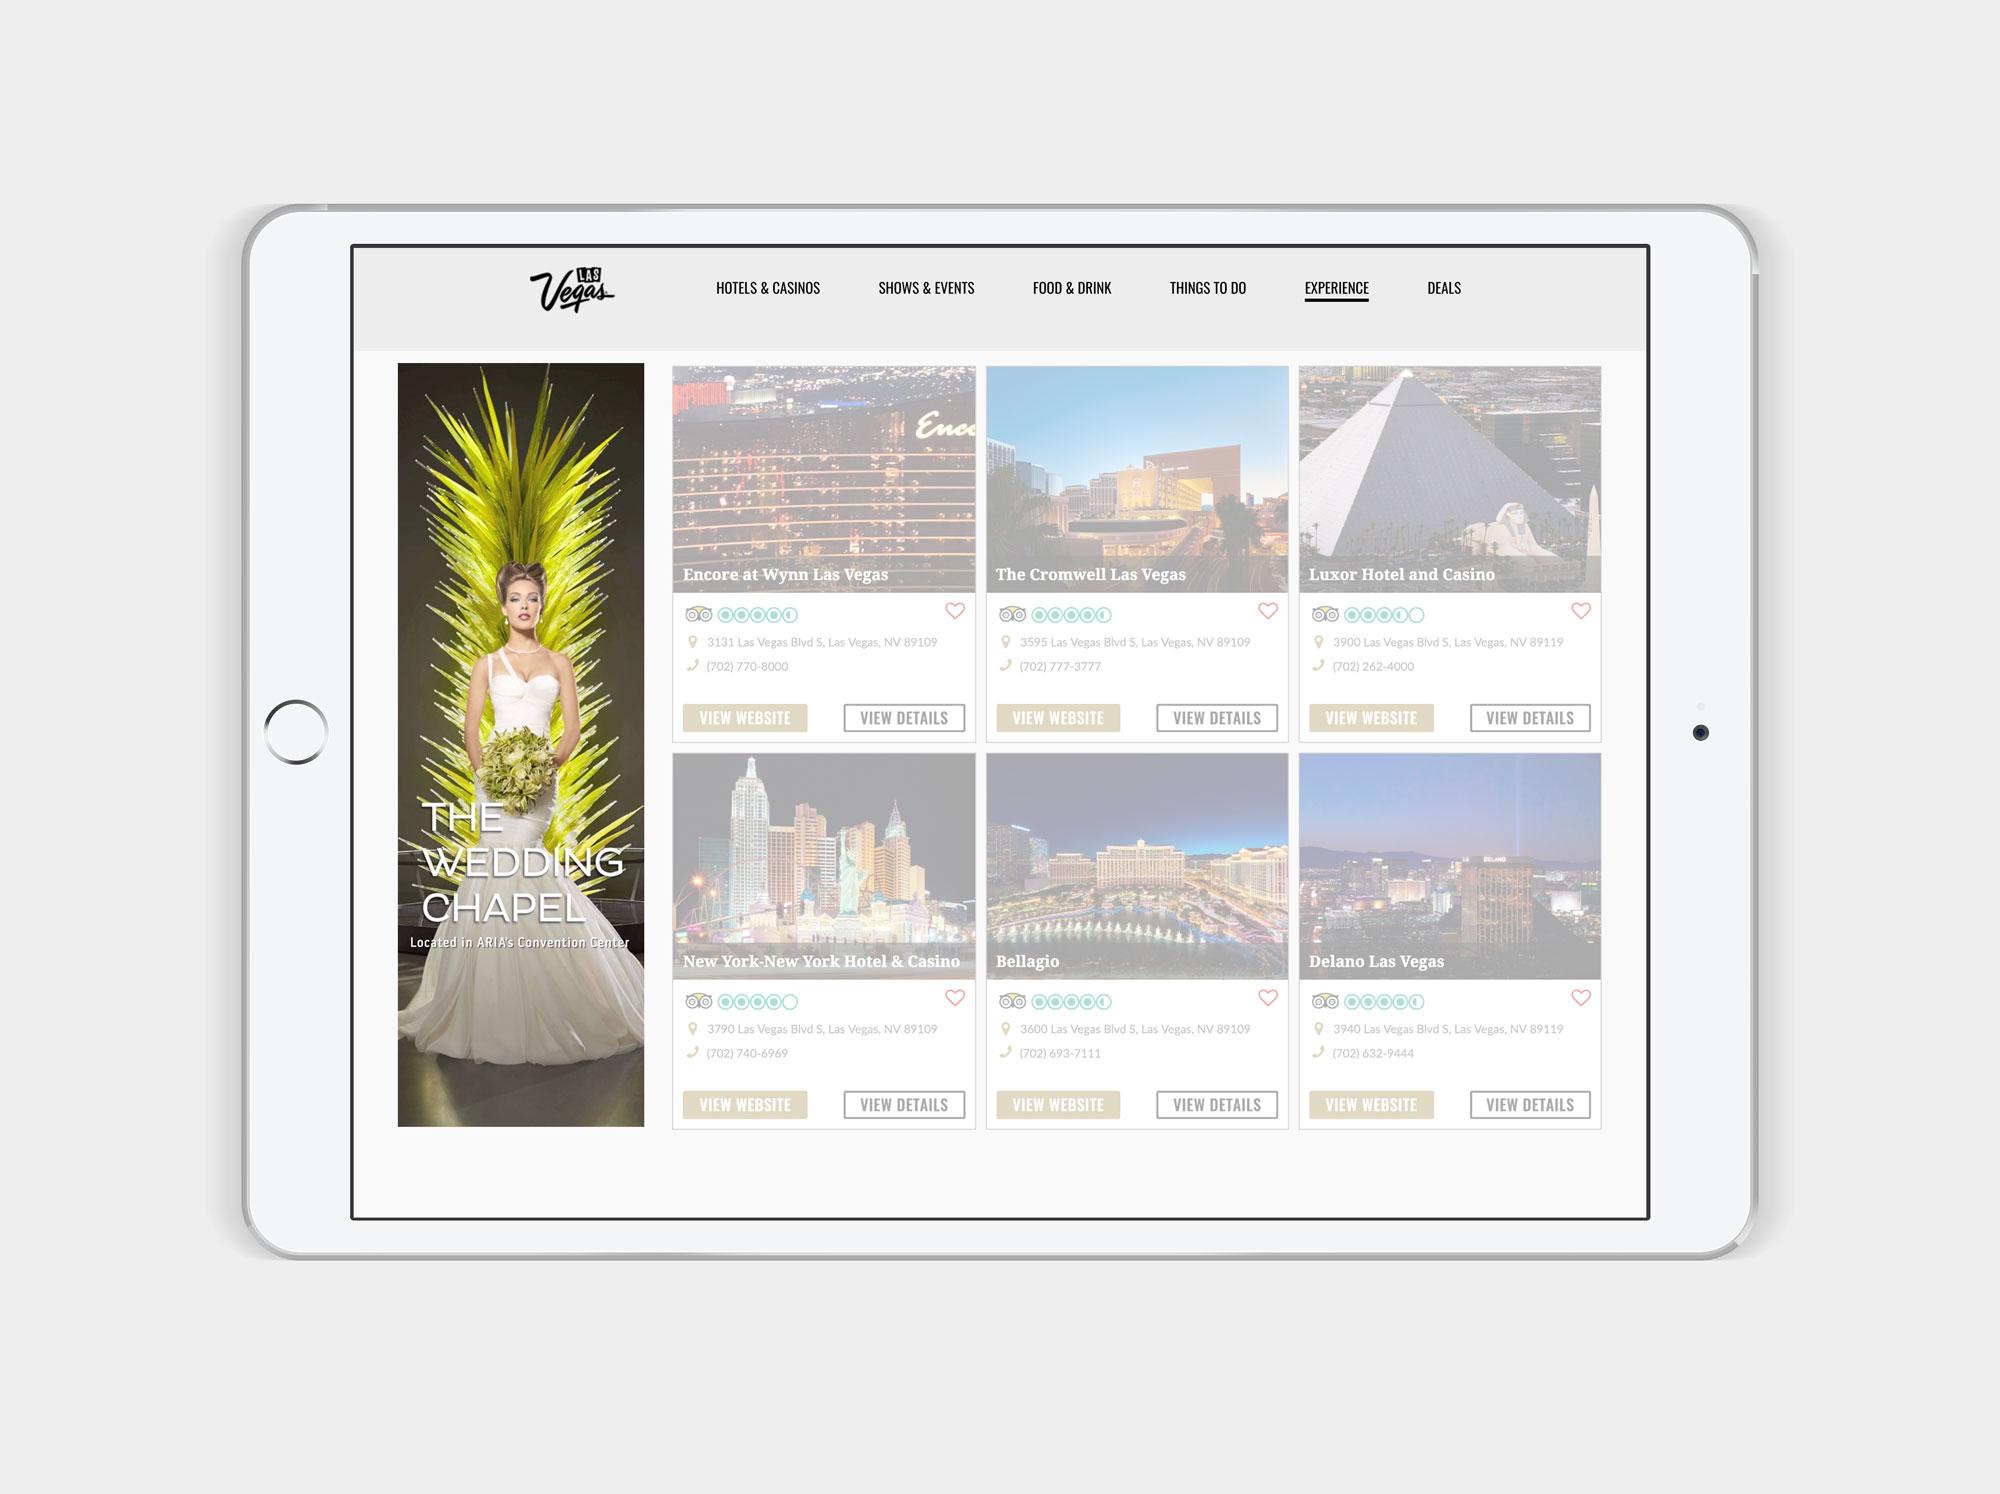 Aria wedding ad on ipad